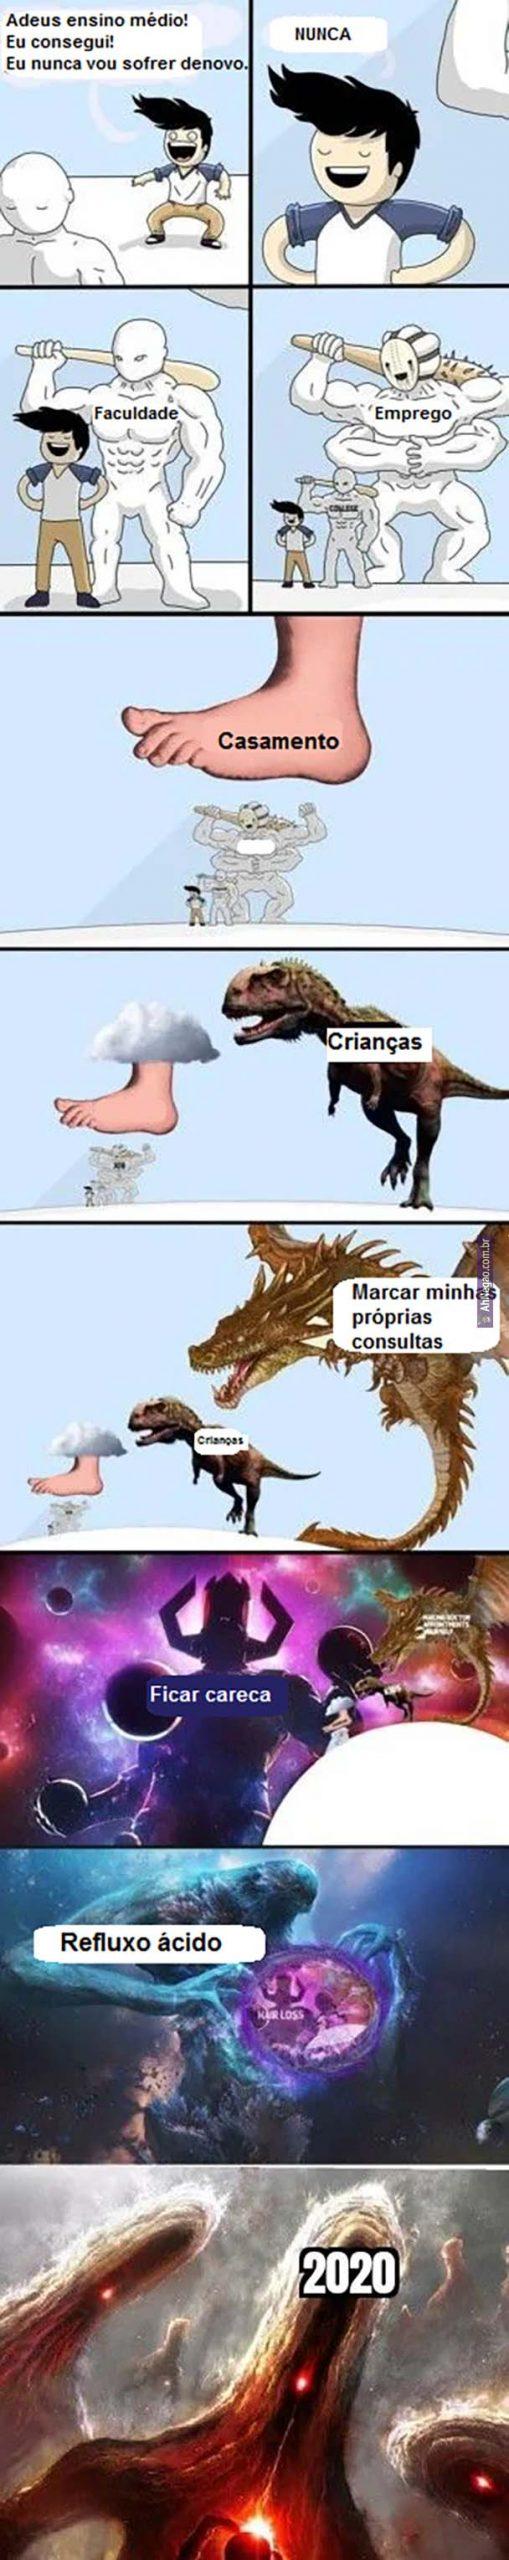 meme quinta 54 scaled